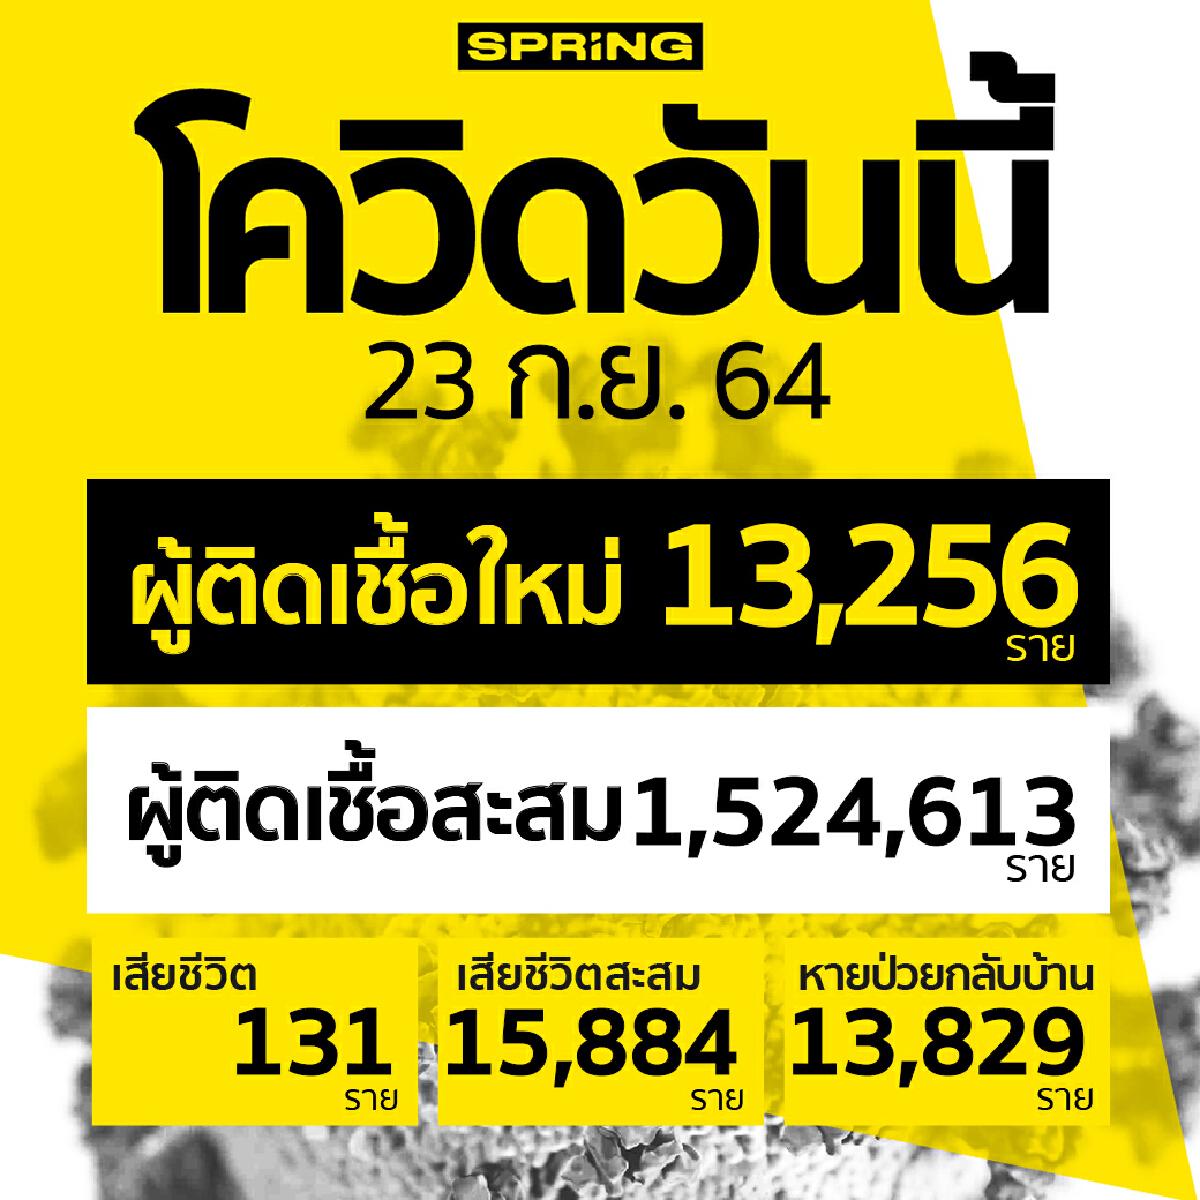 โควิดวันนี้ ติดเชื้อเพิ่ม 13,256 ราย สะสม 1,524,613 ราย เสียชีวิต 131 ราย